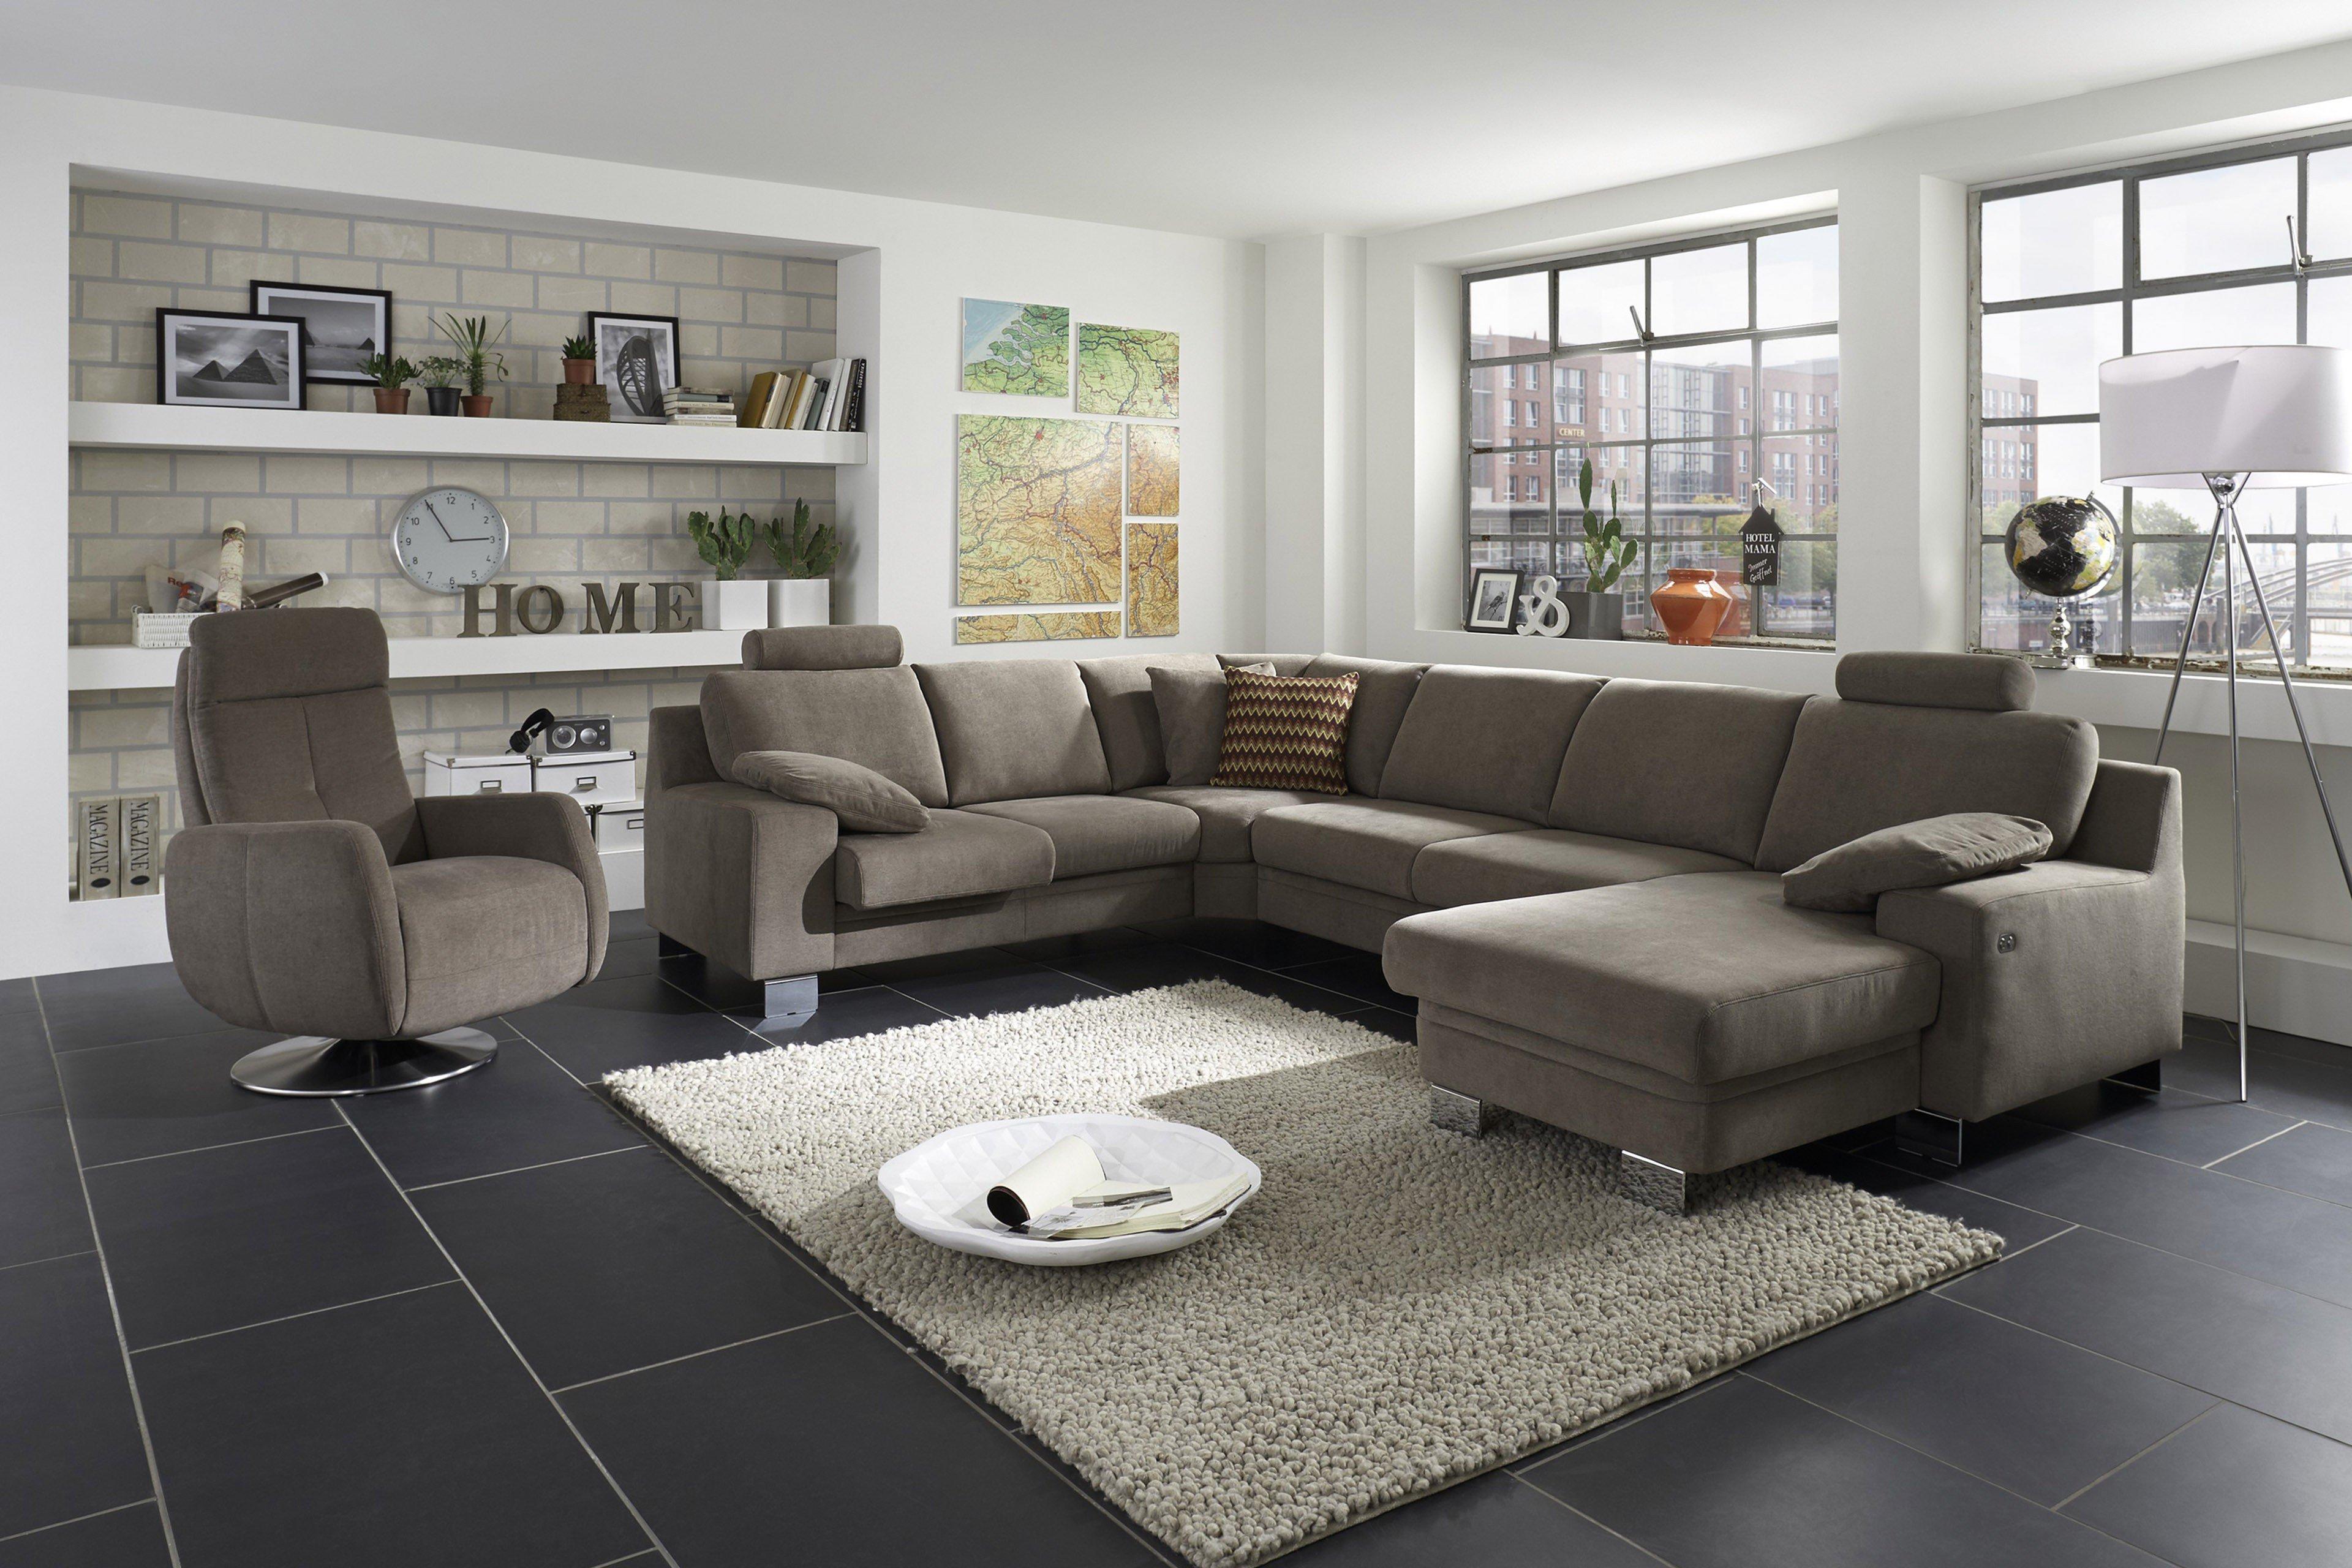 zehdenick allround wohnlandschaft grau m bel letz ihr online shop. Black Bedroom Furniture Sets. Home Design Ideas